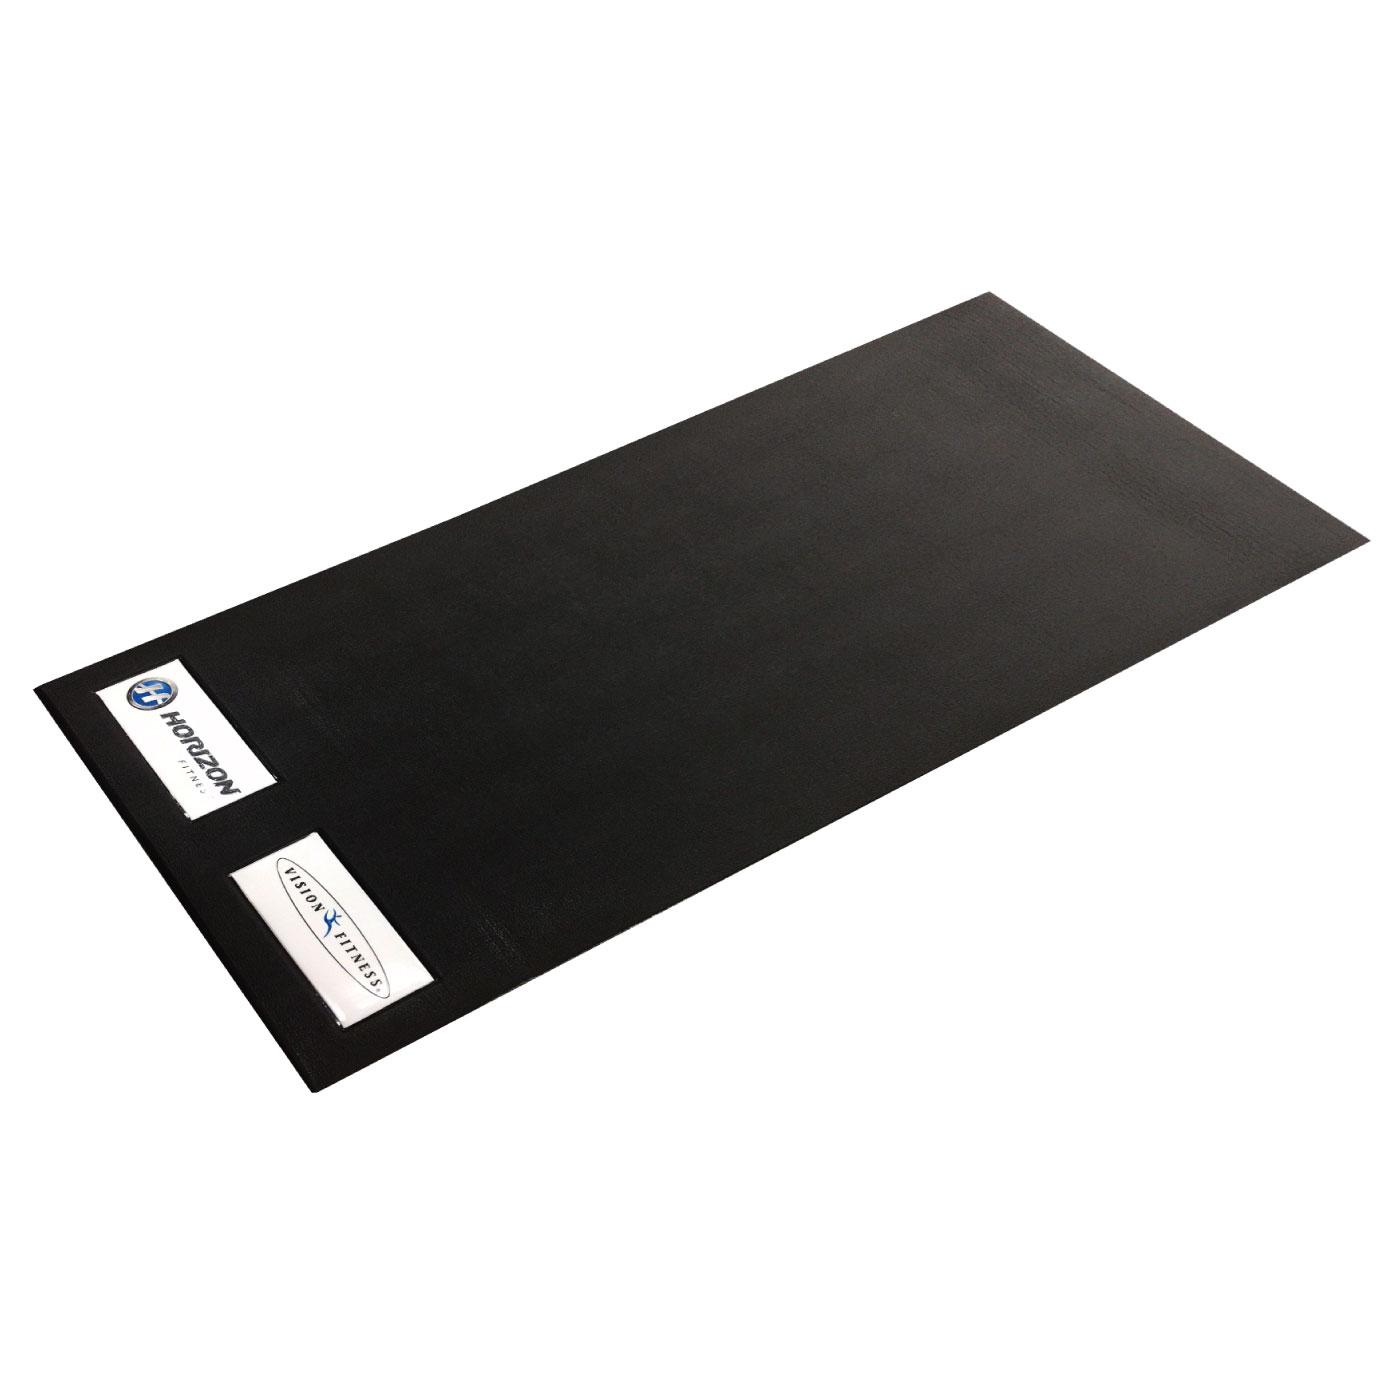 YHZM0006(床保護マット)/オリジナルフロアマット《ジョンソンヘルステック》